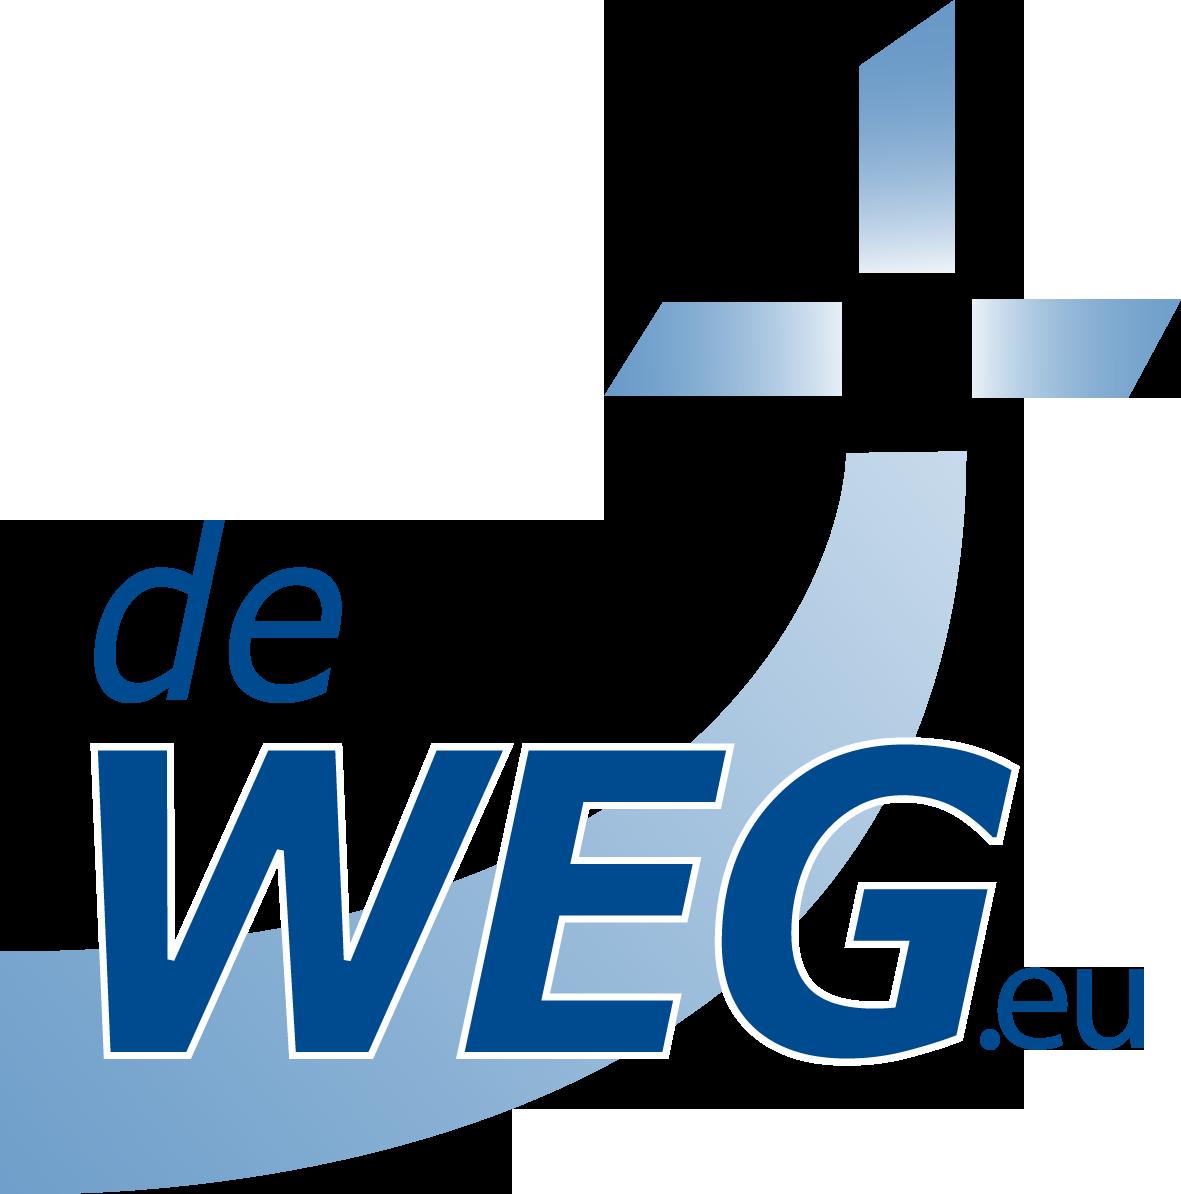 Westfriese Evangelie Gemeente